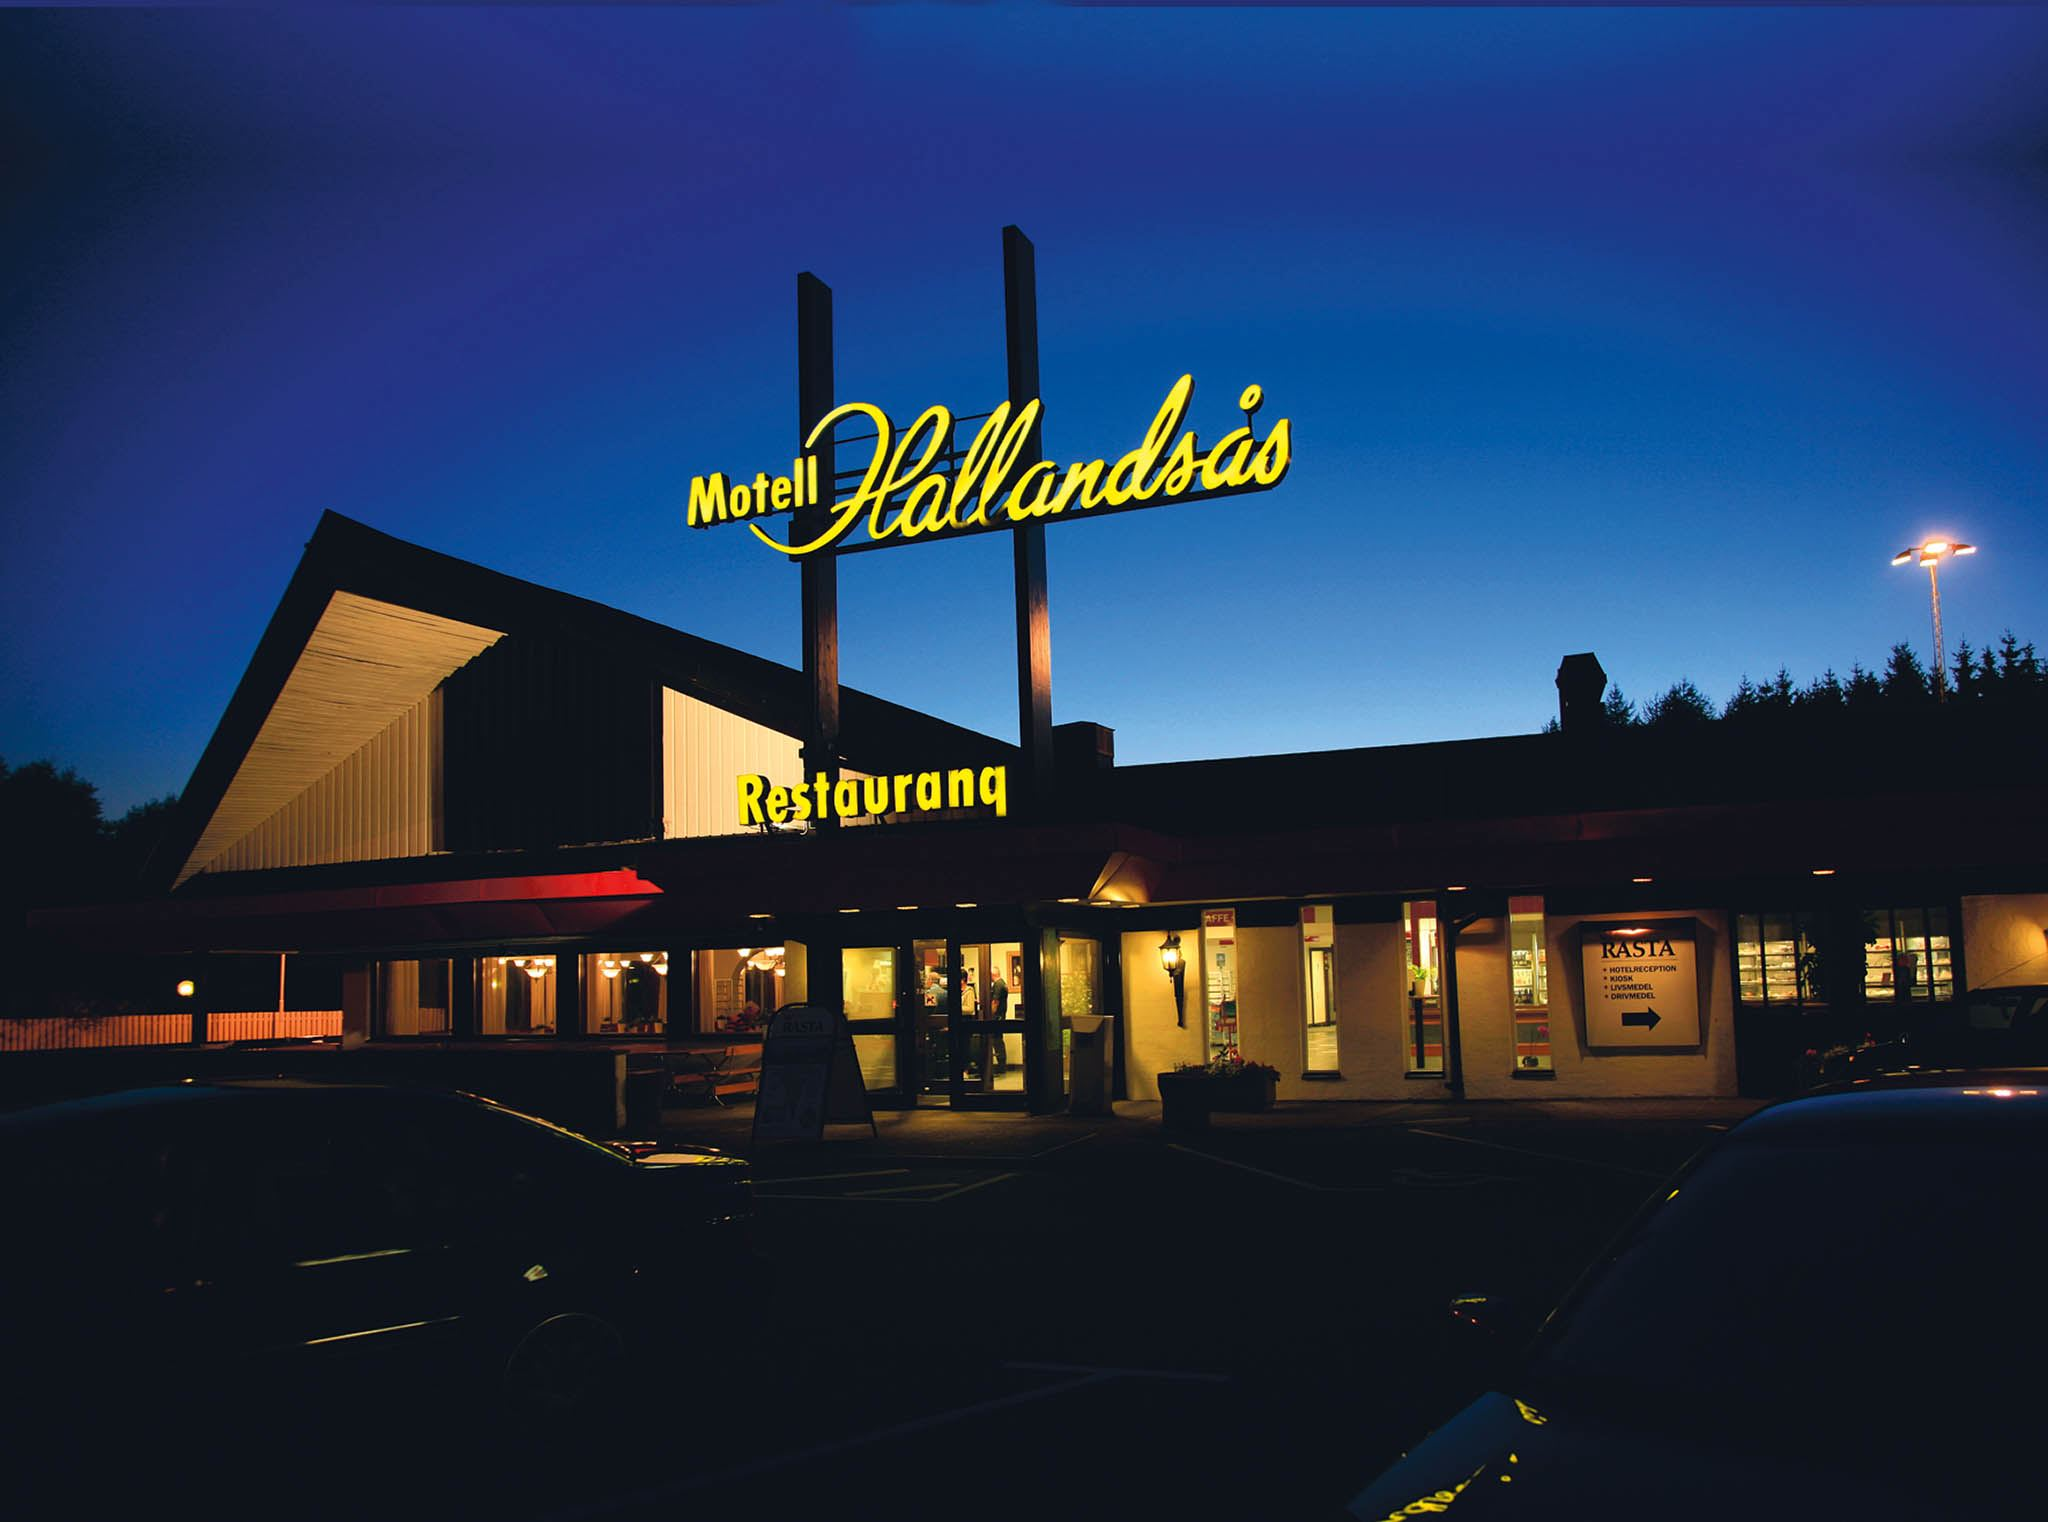 Restaurant Rasta Hallandsåsen